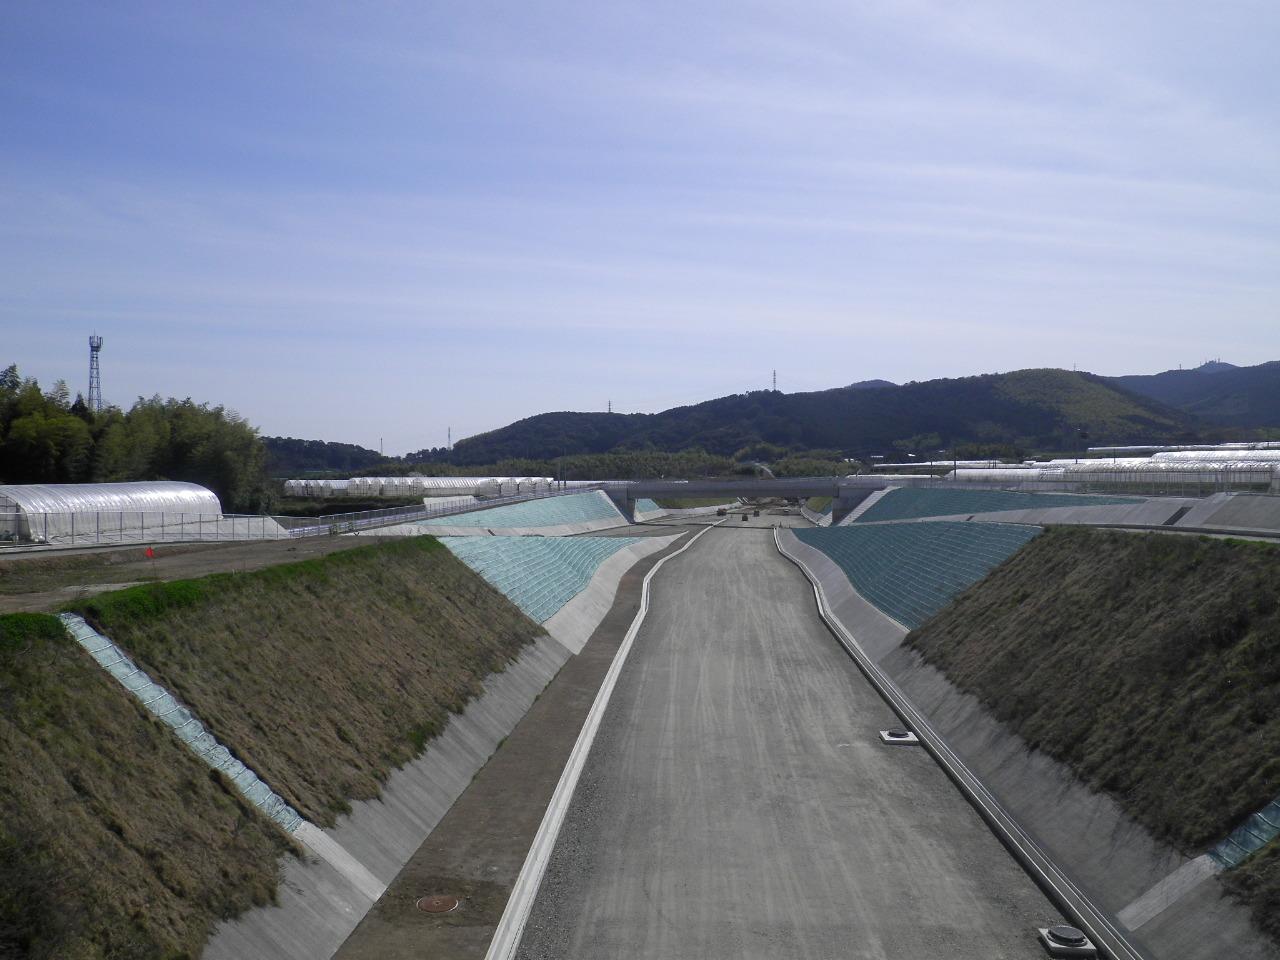 一般県道砂原四方寄線(花園工区)和泉地区道路改良イメージ